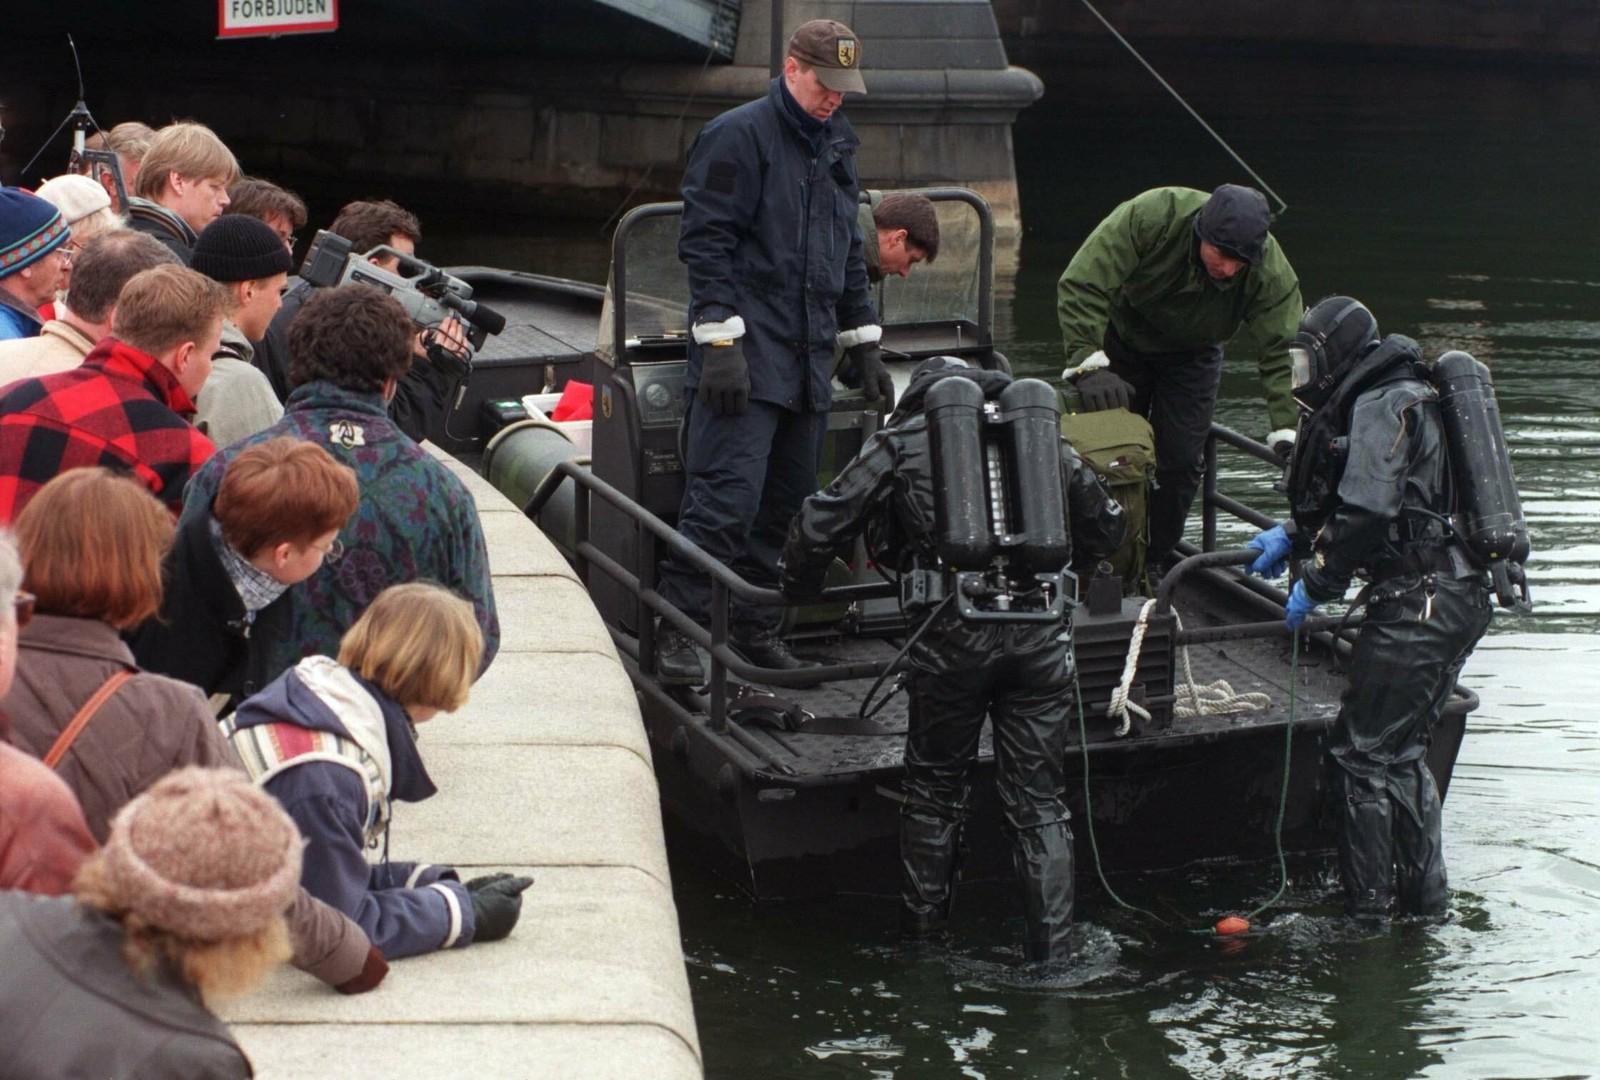 Politiets dykkere på veg opp fra vannet ved Tegelbacken i Stockholm, etter å ha dykket etter våpenet som skal ha blitt brukt til å drepe Olof Palme. Det ble funnet en pistol på bunnen under søket.